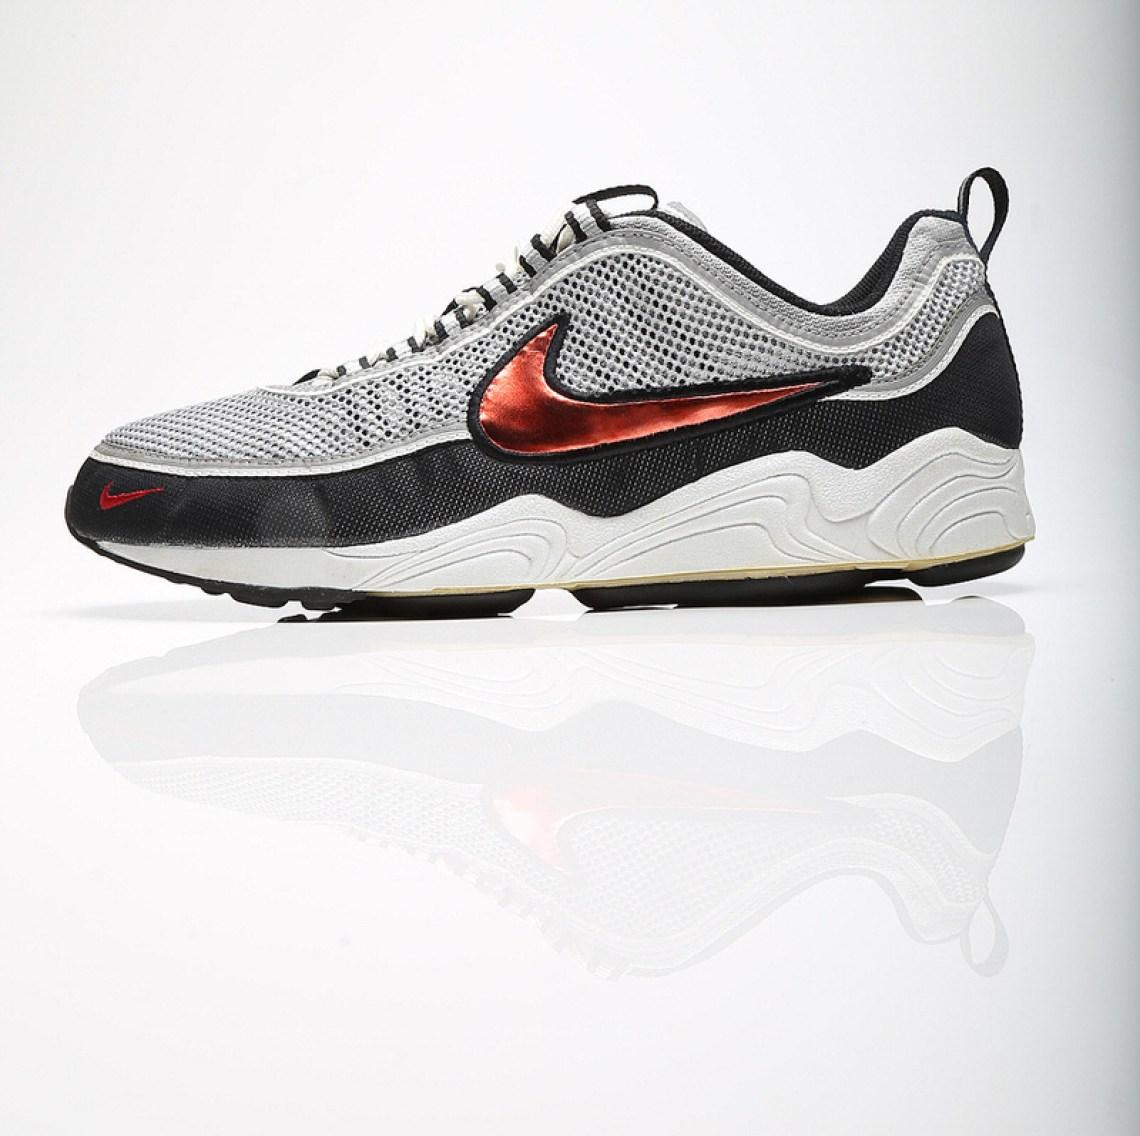 Nike Air Zoom Spiridon OG Red 13